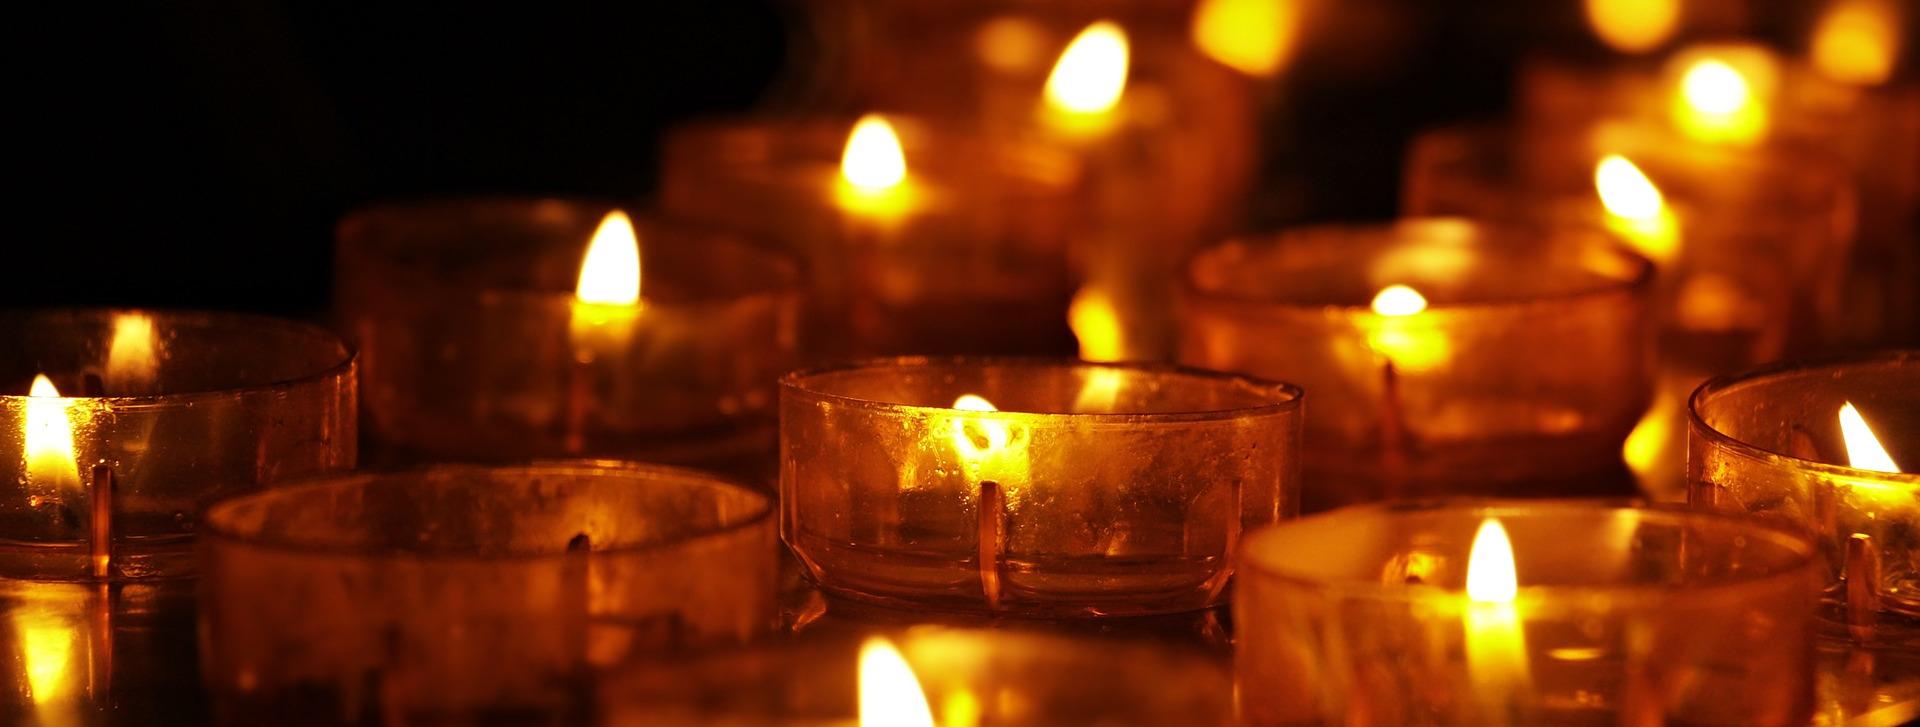 Kein Platz für Antisemitismus & Rassismus – im Gedenken an die Betroffenen